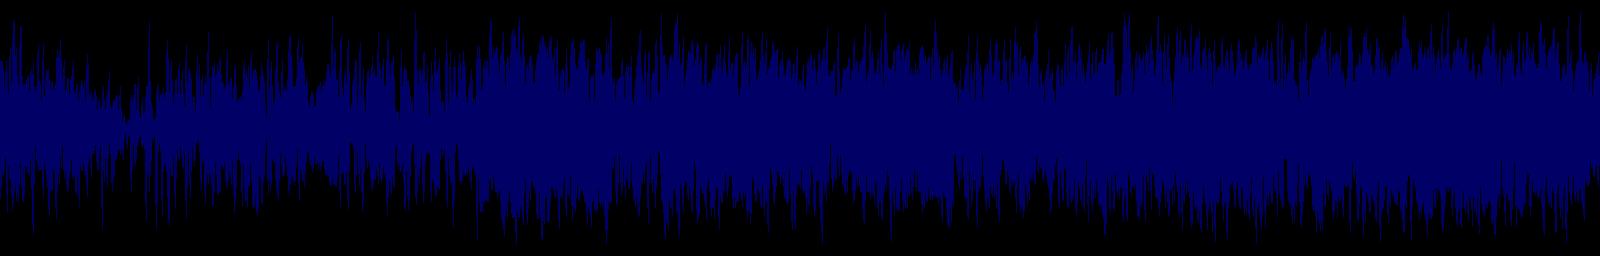 waveform of track #144056